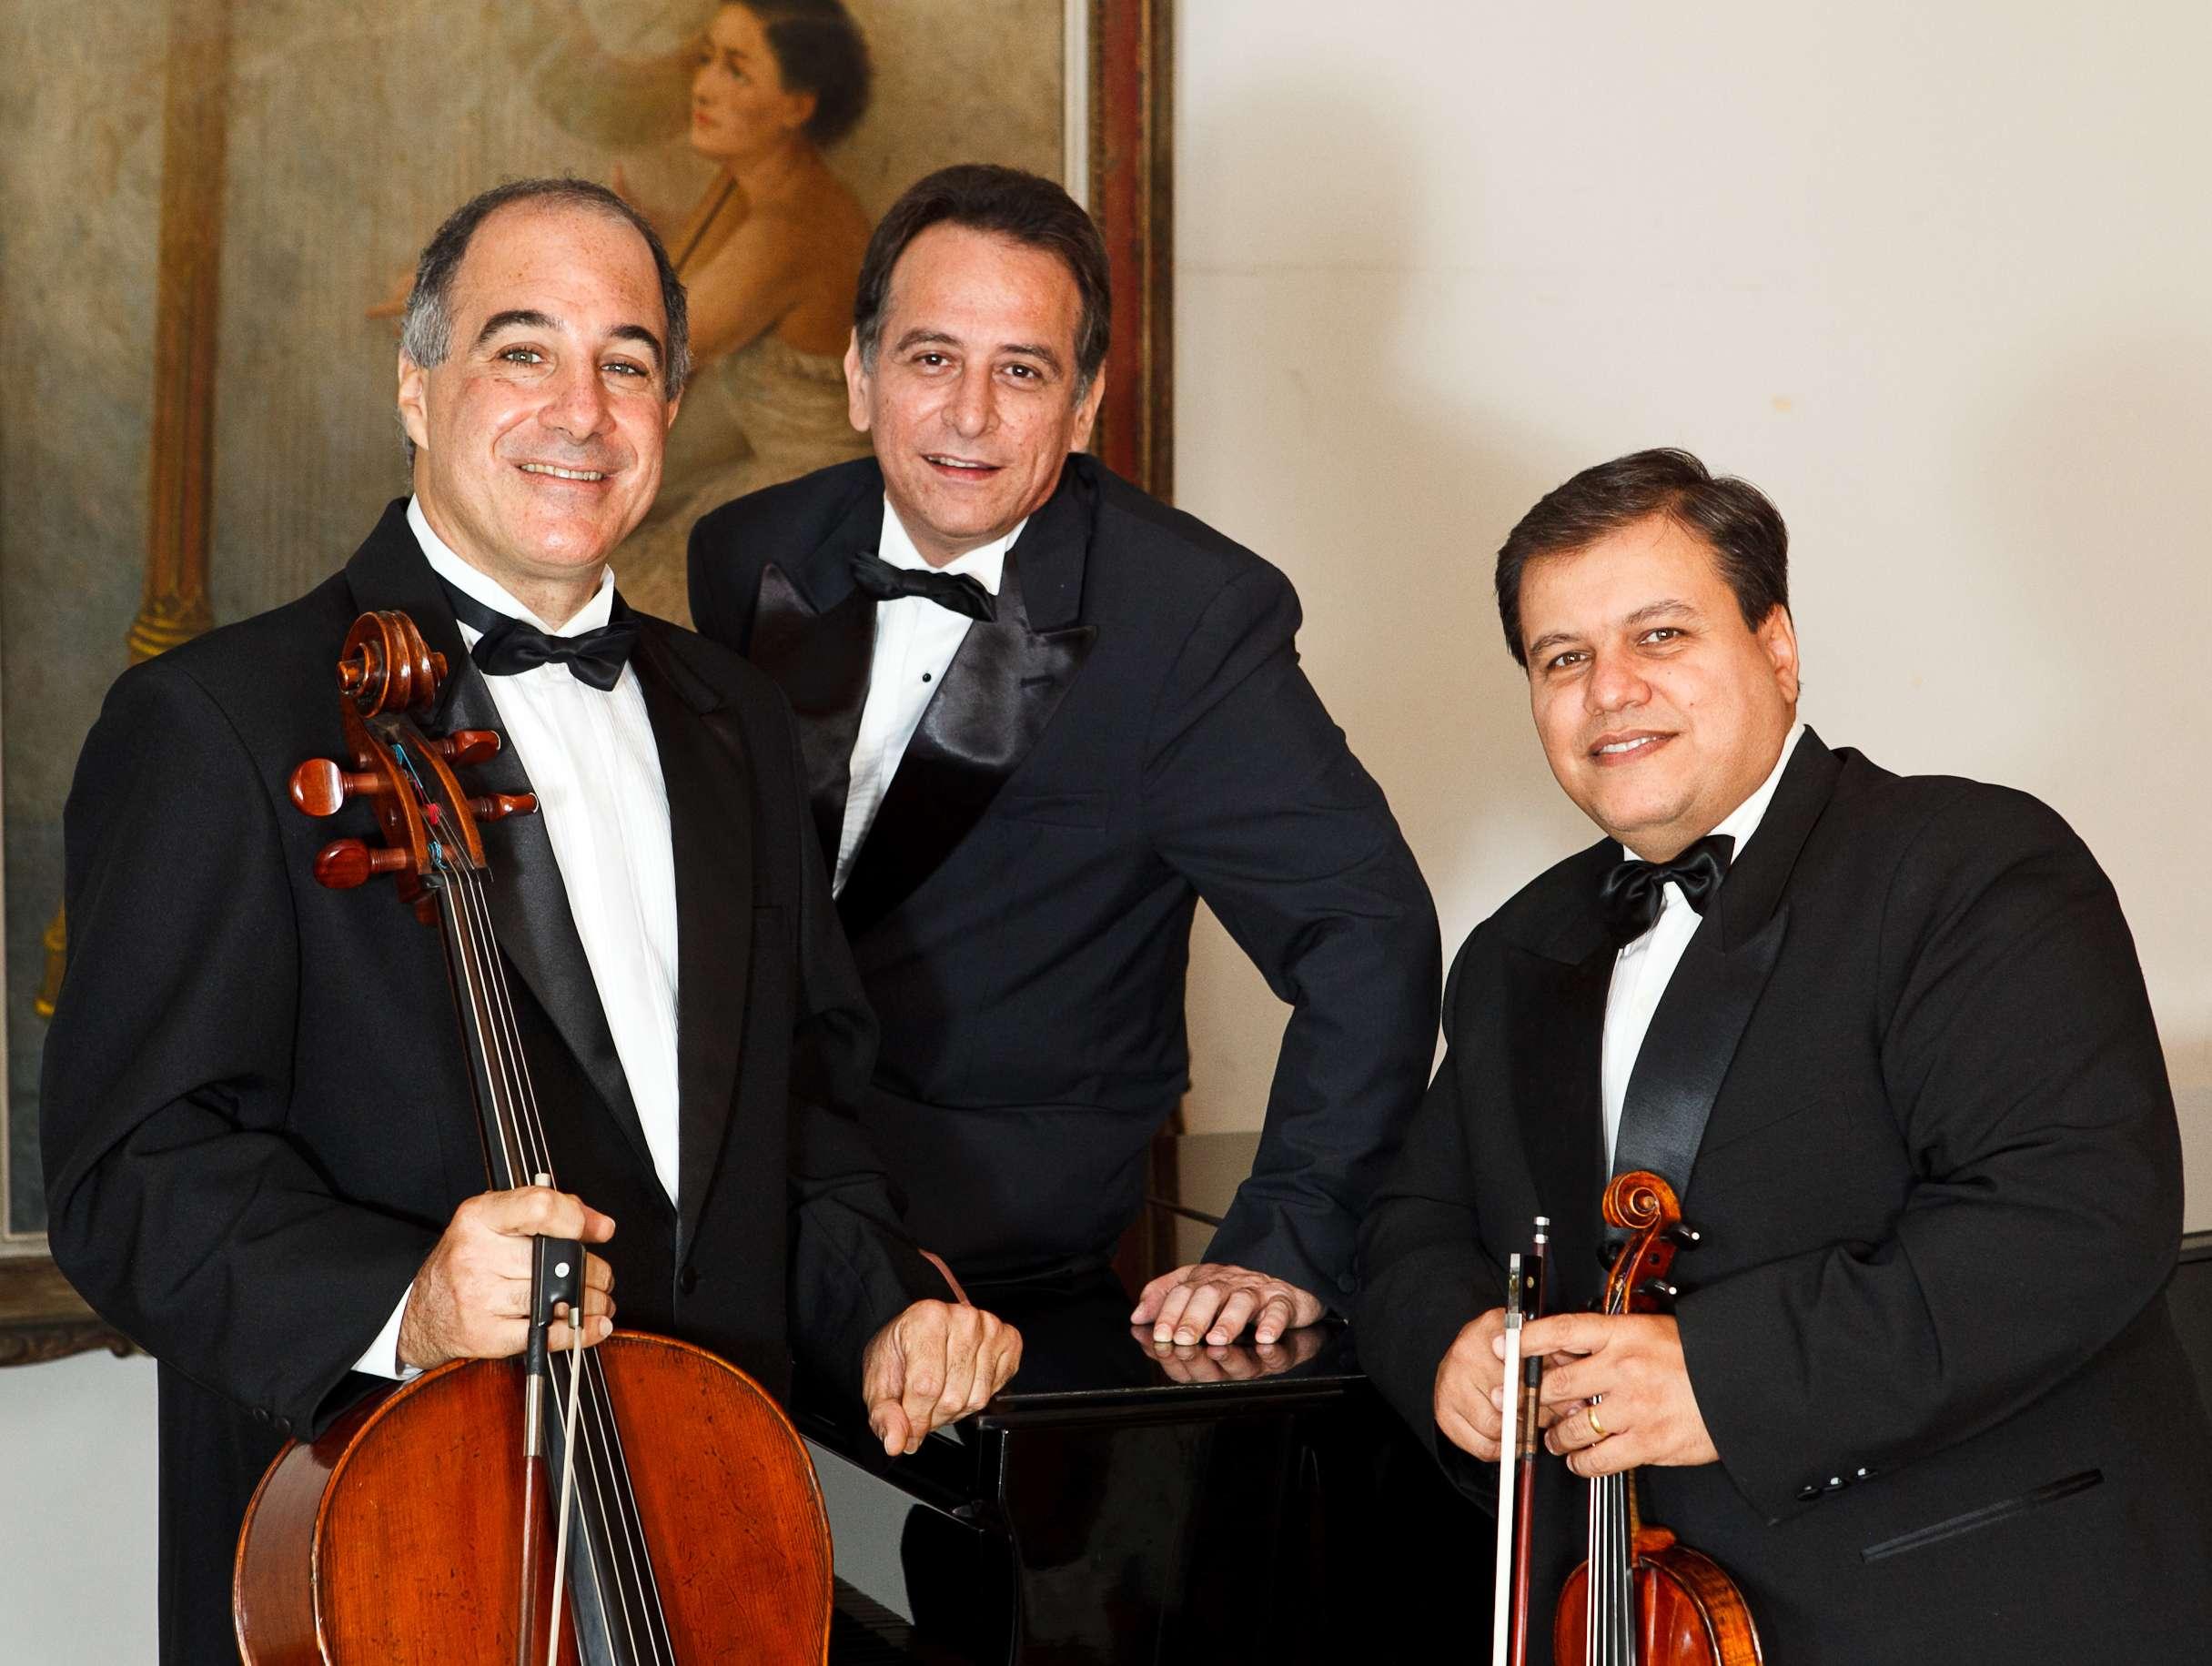 Concerto com Trio Aquarius no Centro da Música Carioca